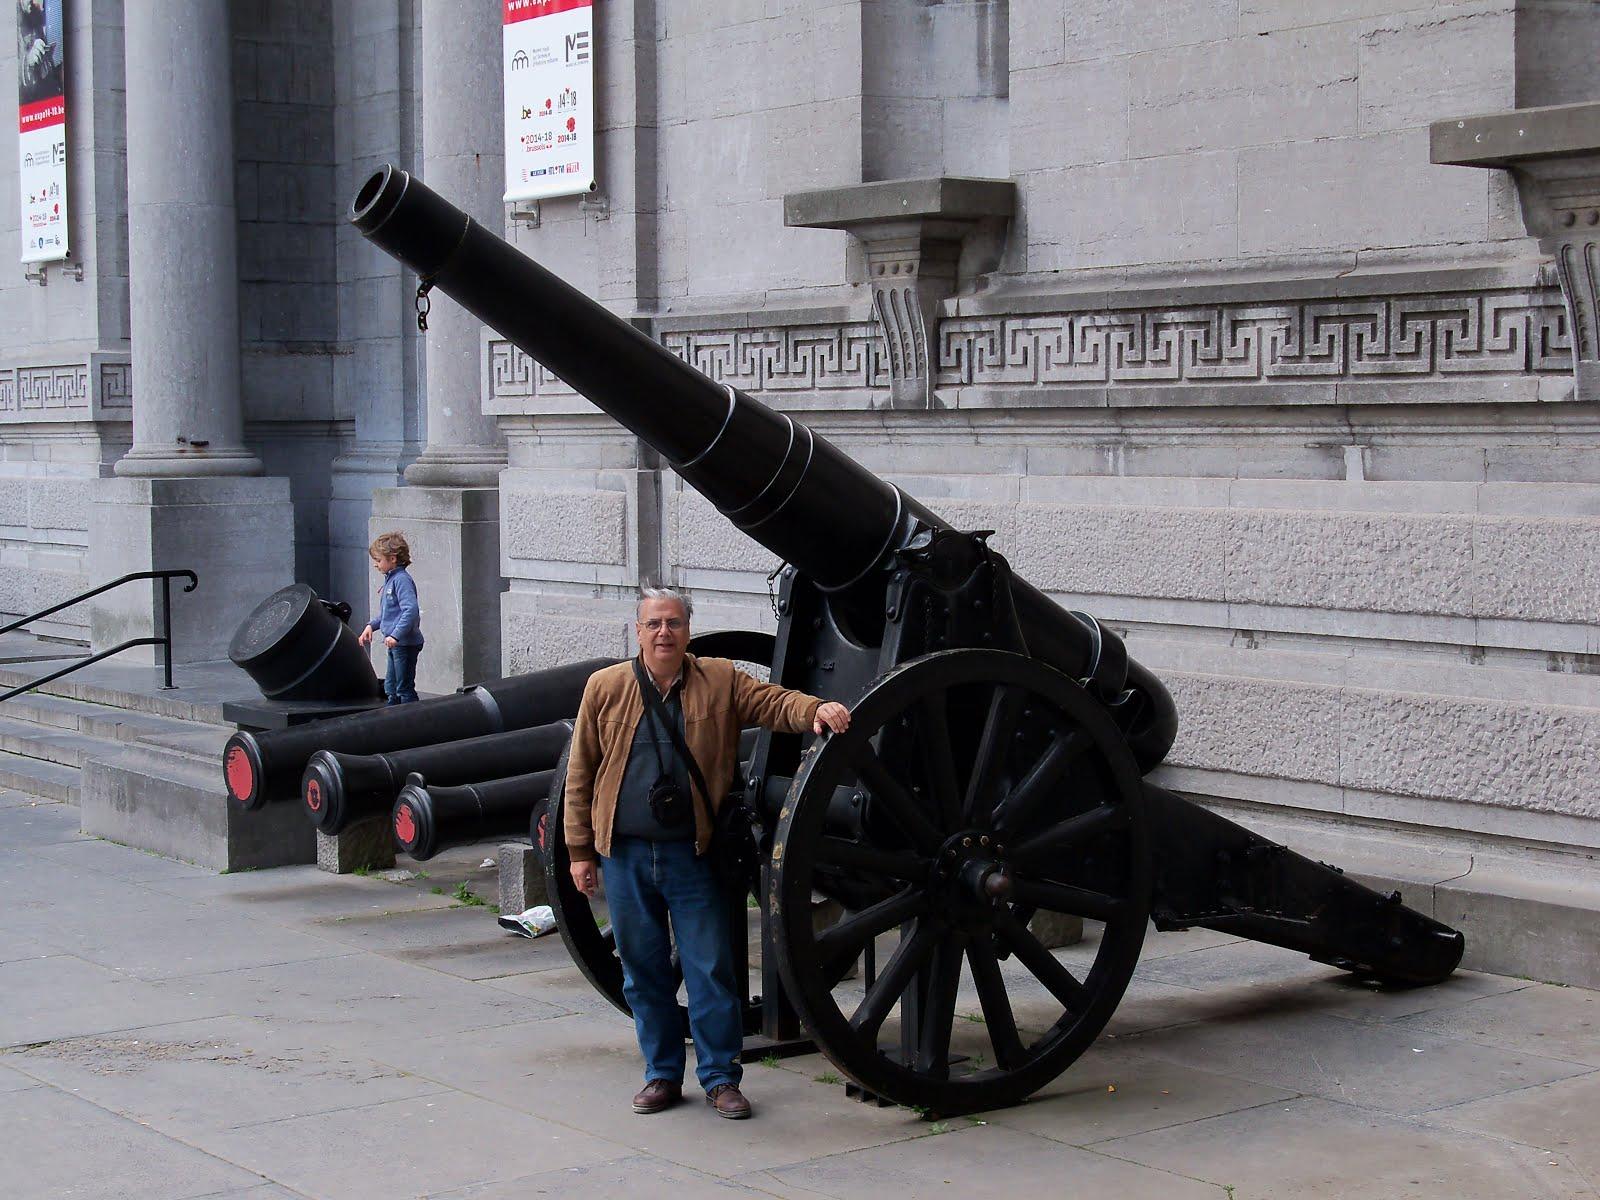 Con cañones históricos (Bruselas)